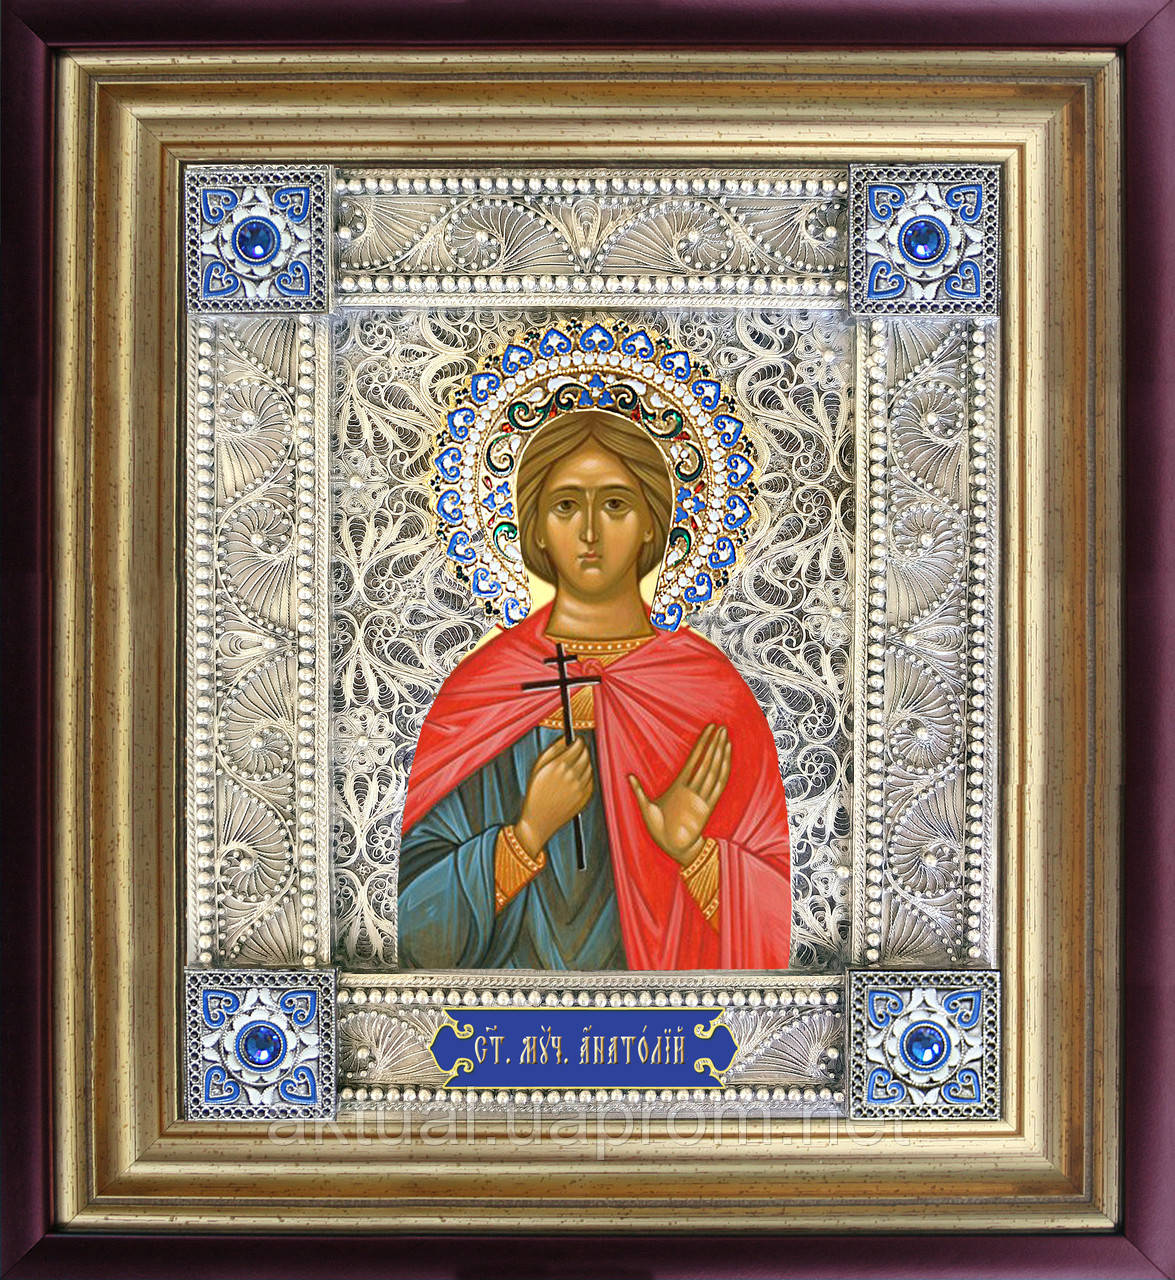 Святой Анатолий именная икона скань